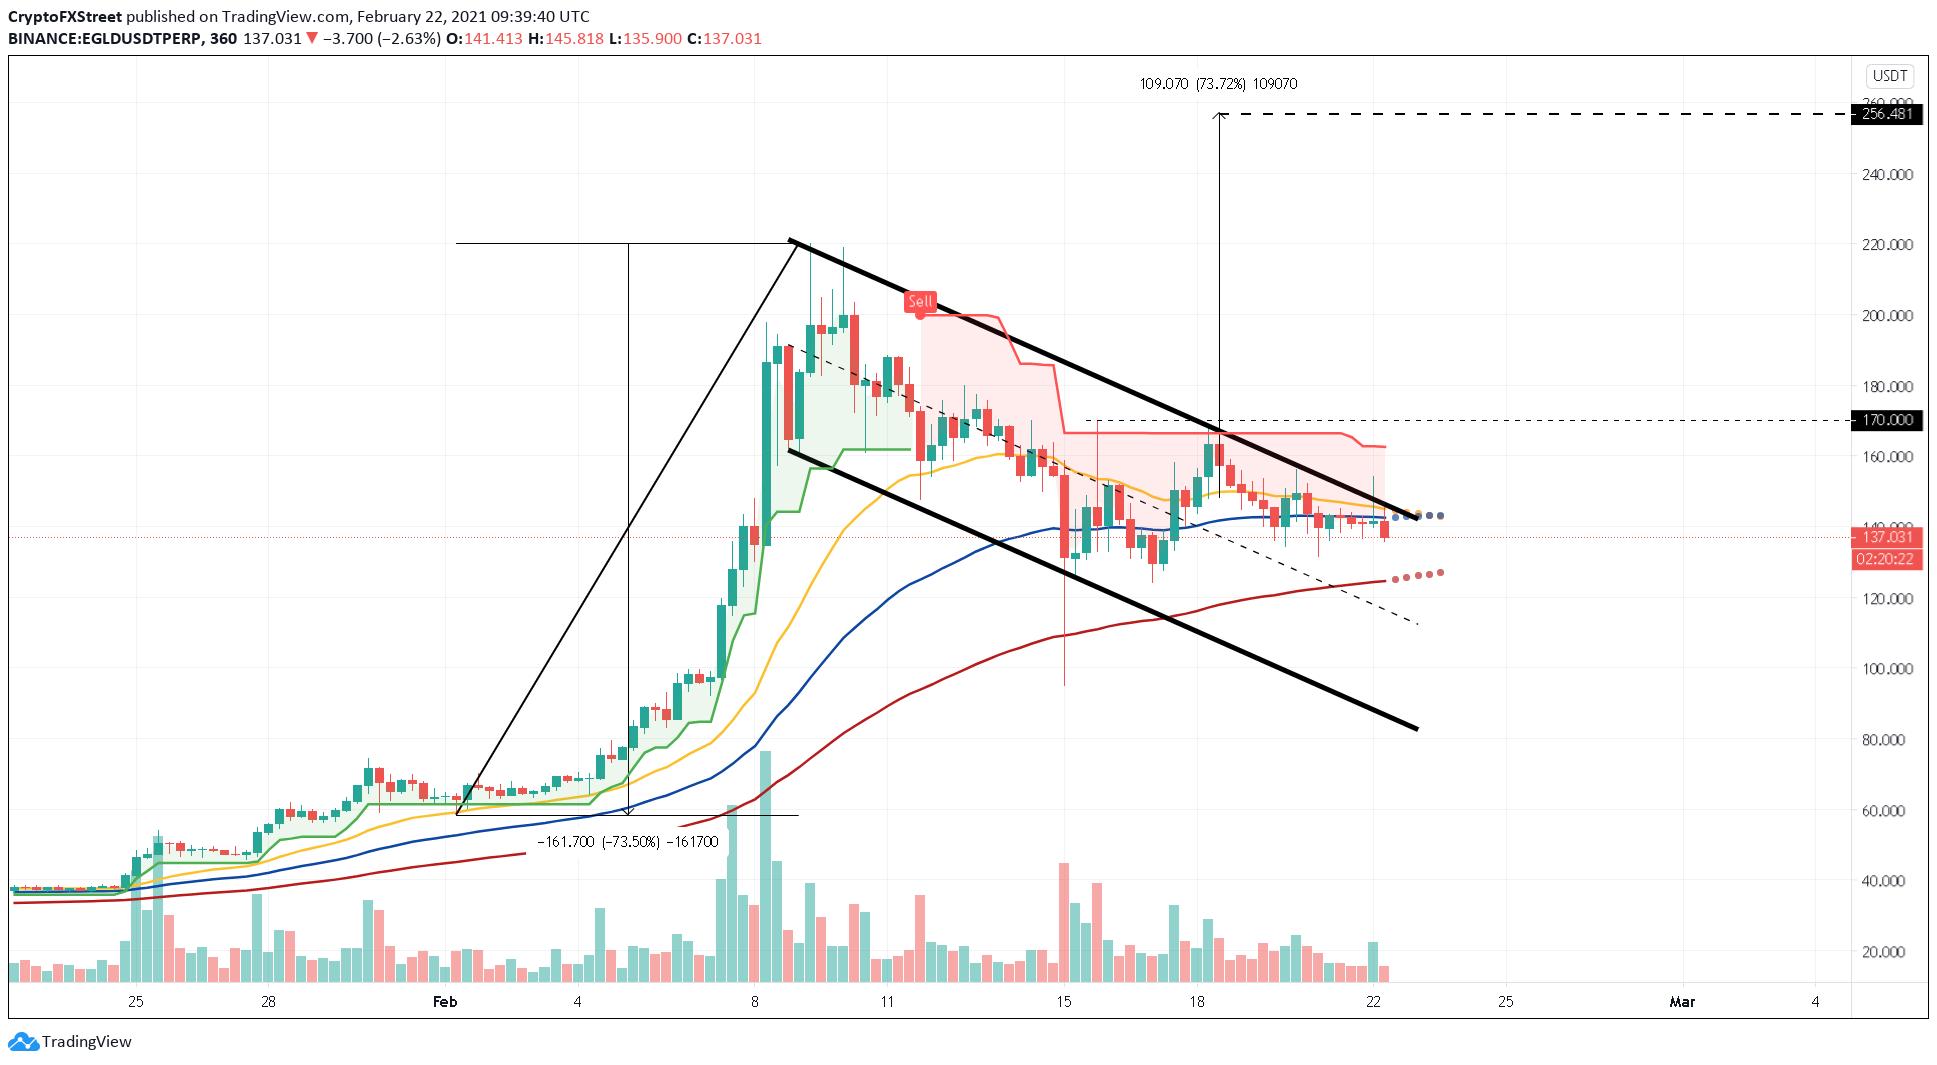 EGLD/USDT 6-hour chart